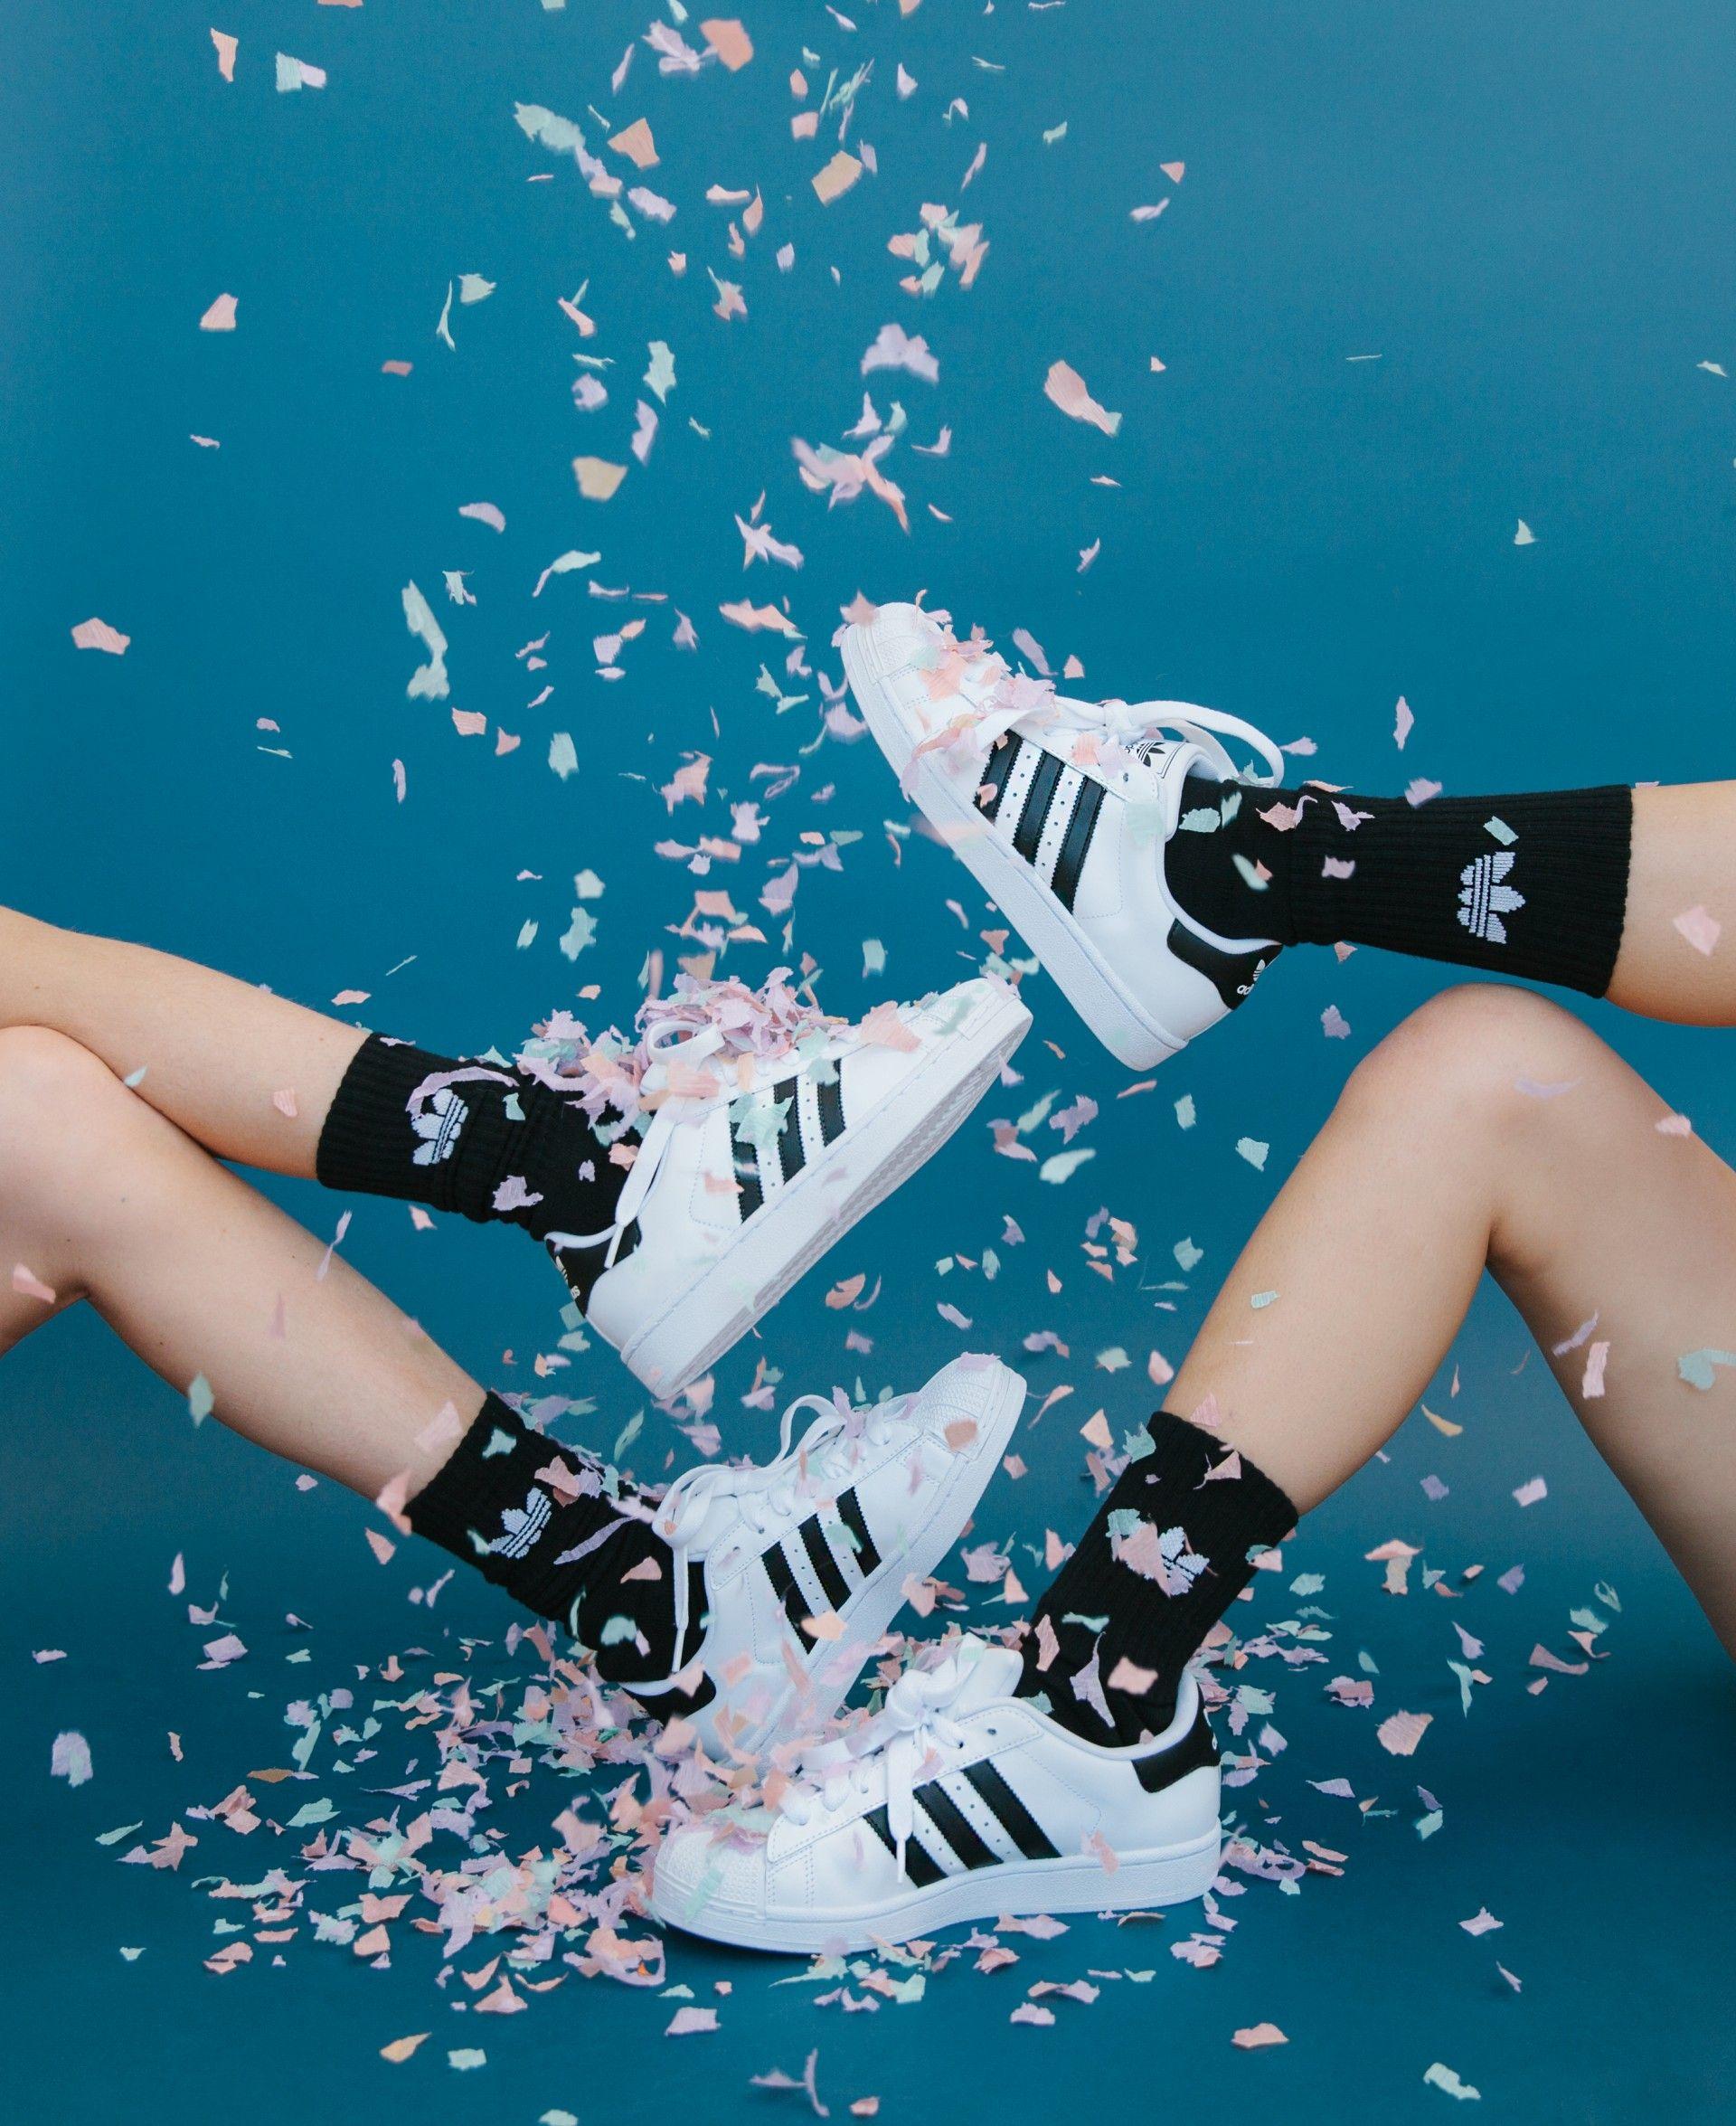 giày addidas superstar màu trắng và tất đen